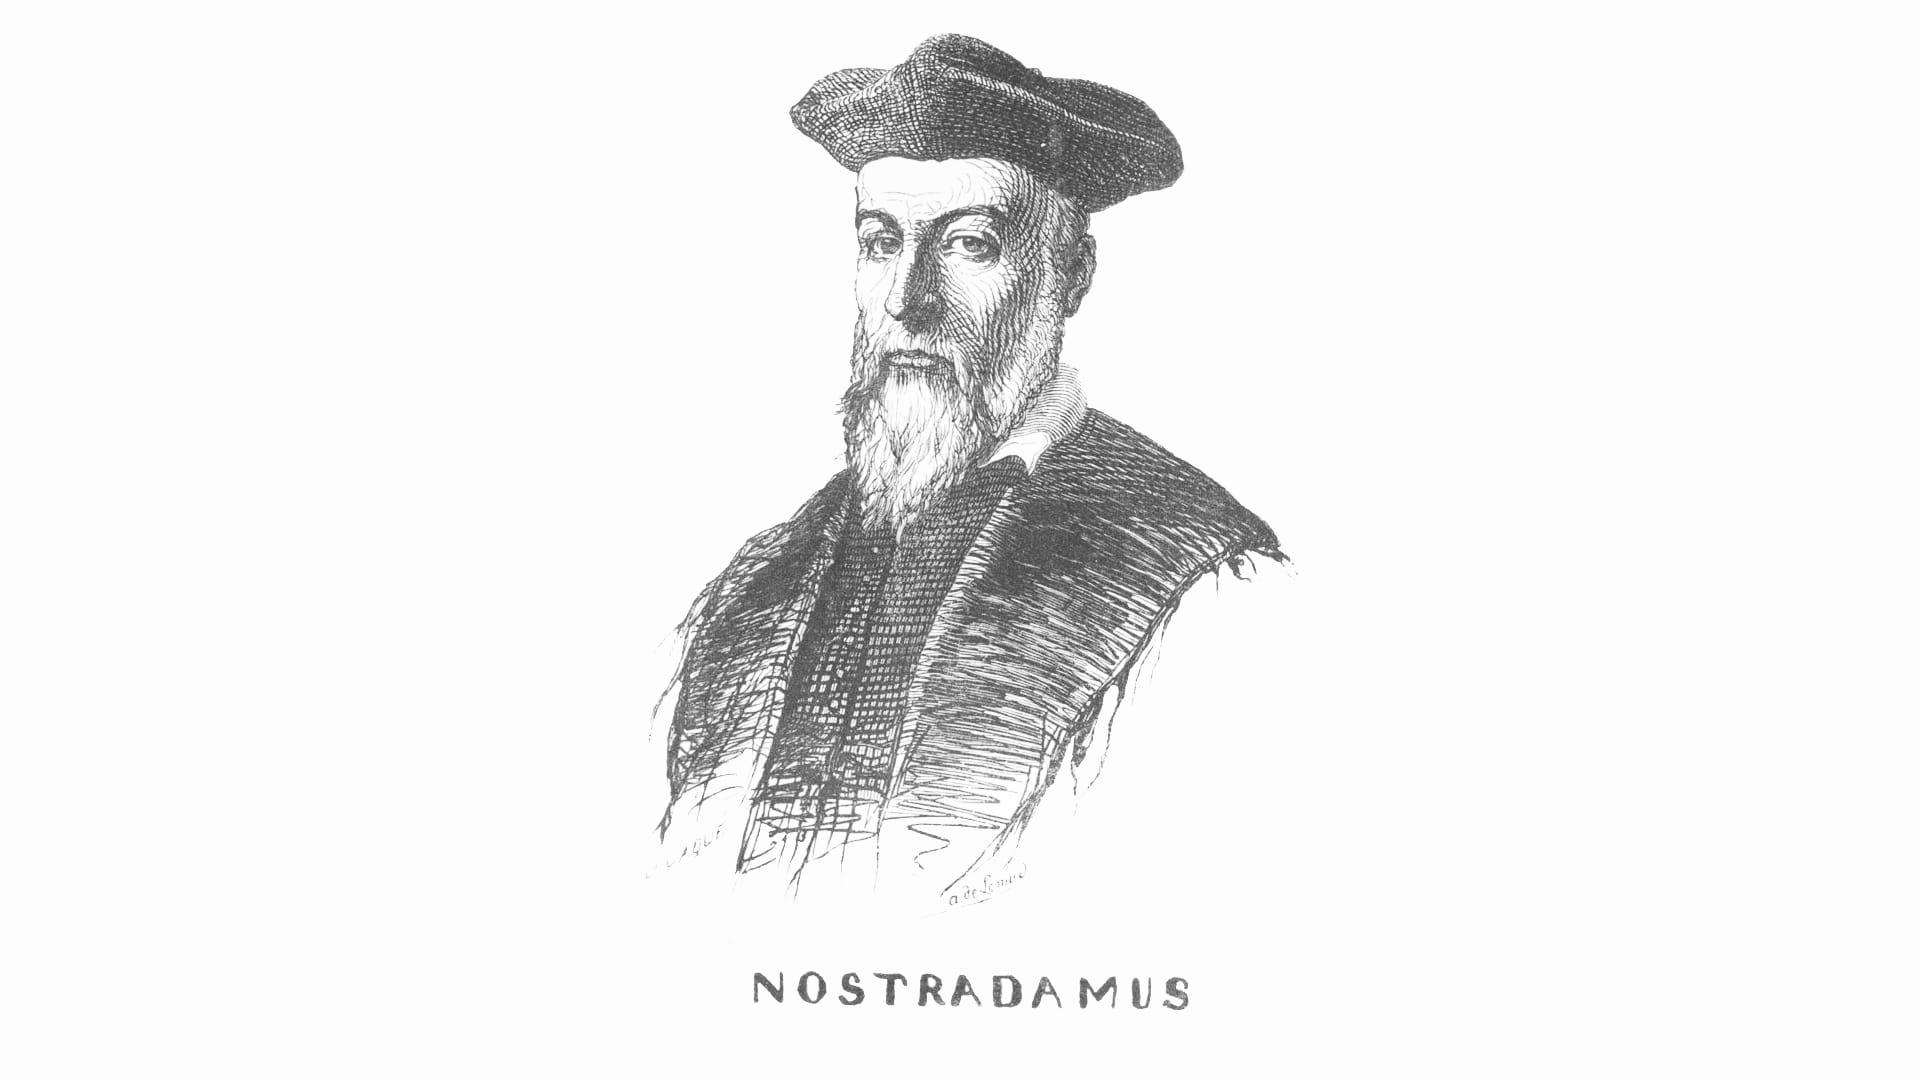 Tapeta Nostradamus